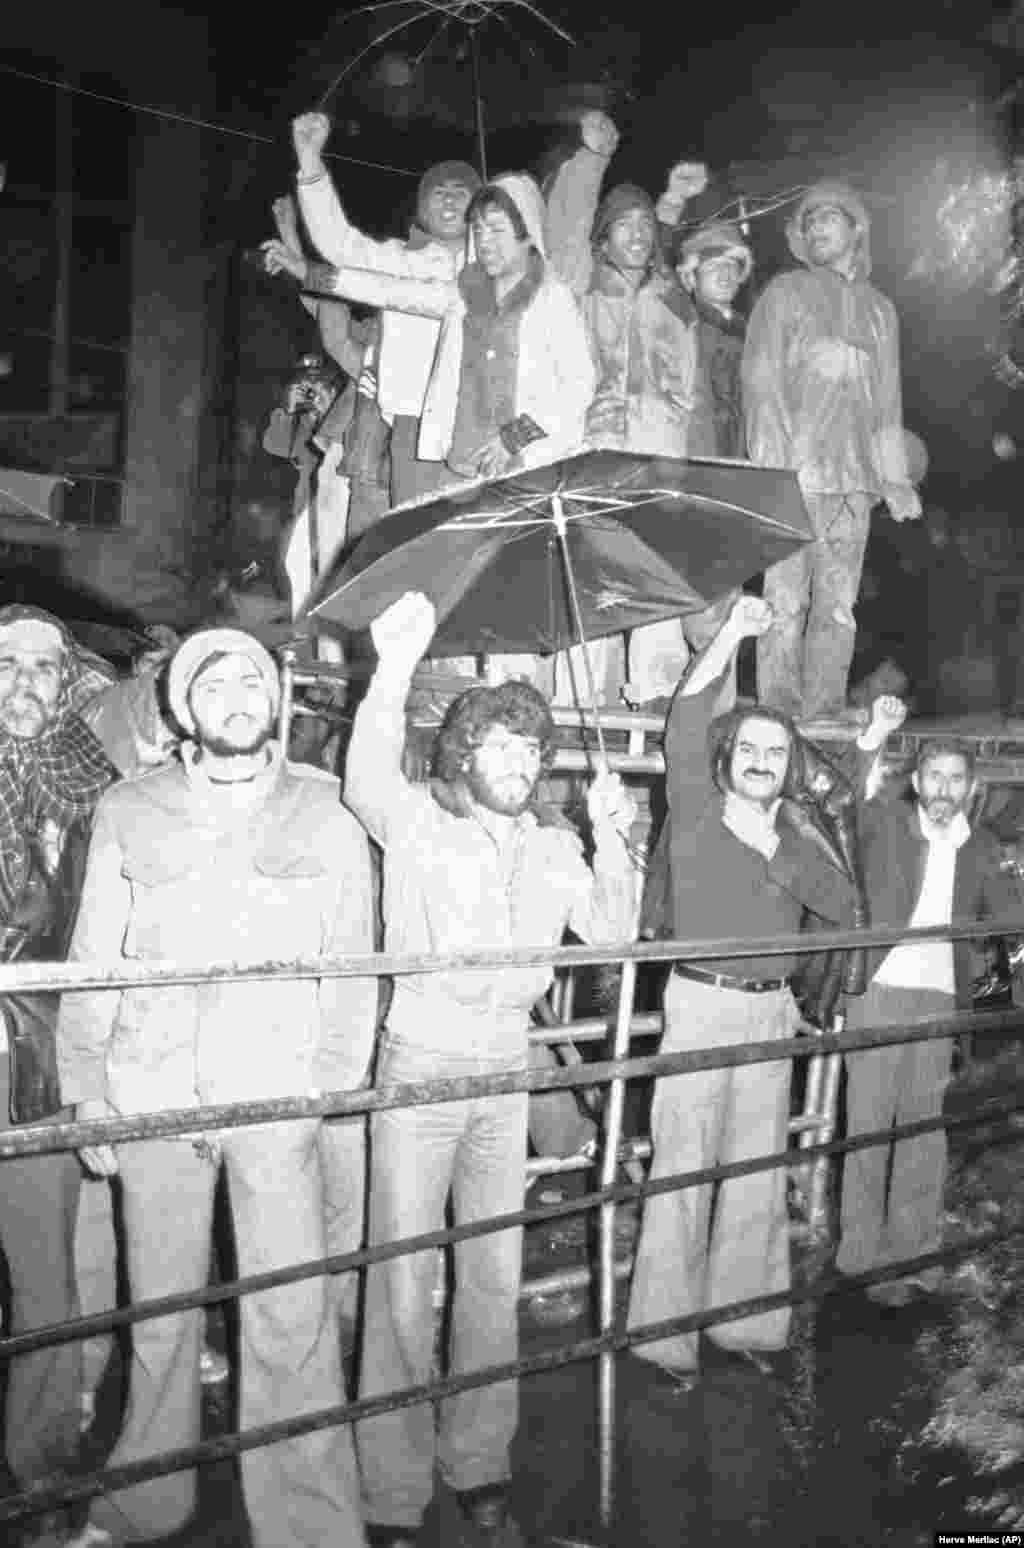 Іранці демонструють солідарність зі студентами, в руках яких перебувають заручники. 15 грудня 1979 року, після того, як надійшло повідомлення, що шах поїхав з Нью-Йорка до Панами